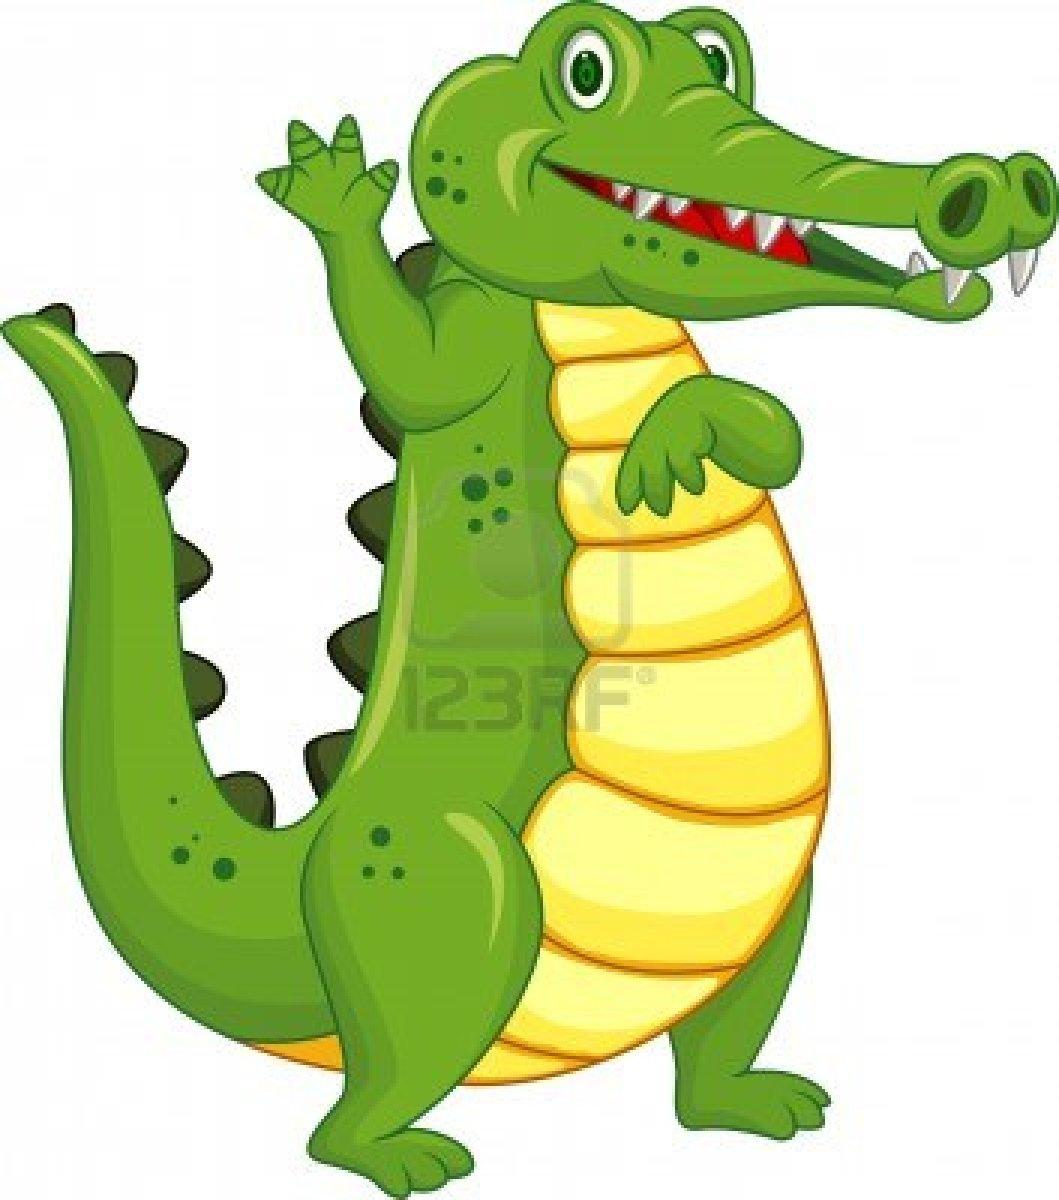 Dessins En Couleurs À Imprimer : Crocodile, Numéro : 74266 dedans Photo De Crocodile A Imprimer